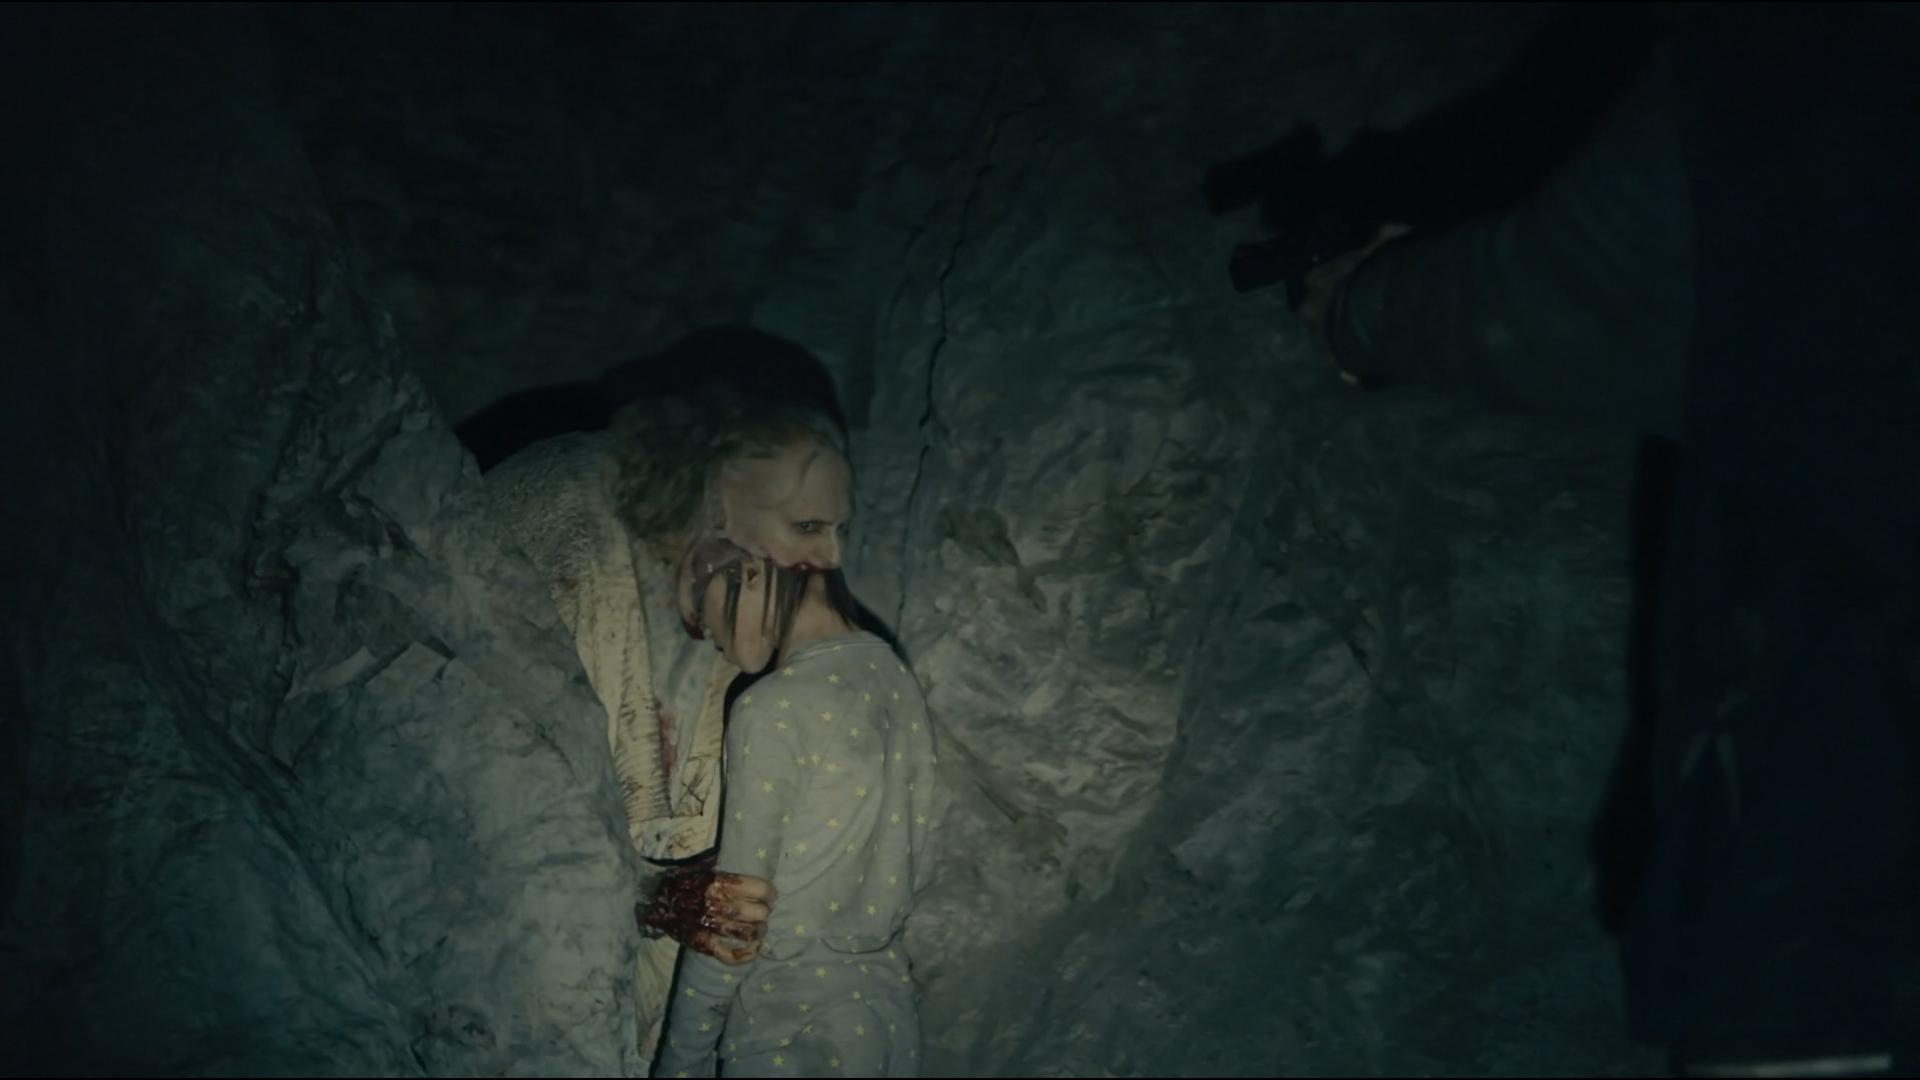 cave_001_v017.1175.jpg